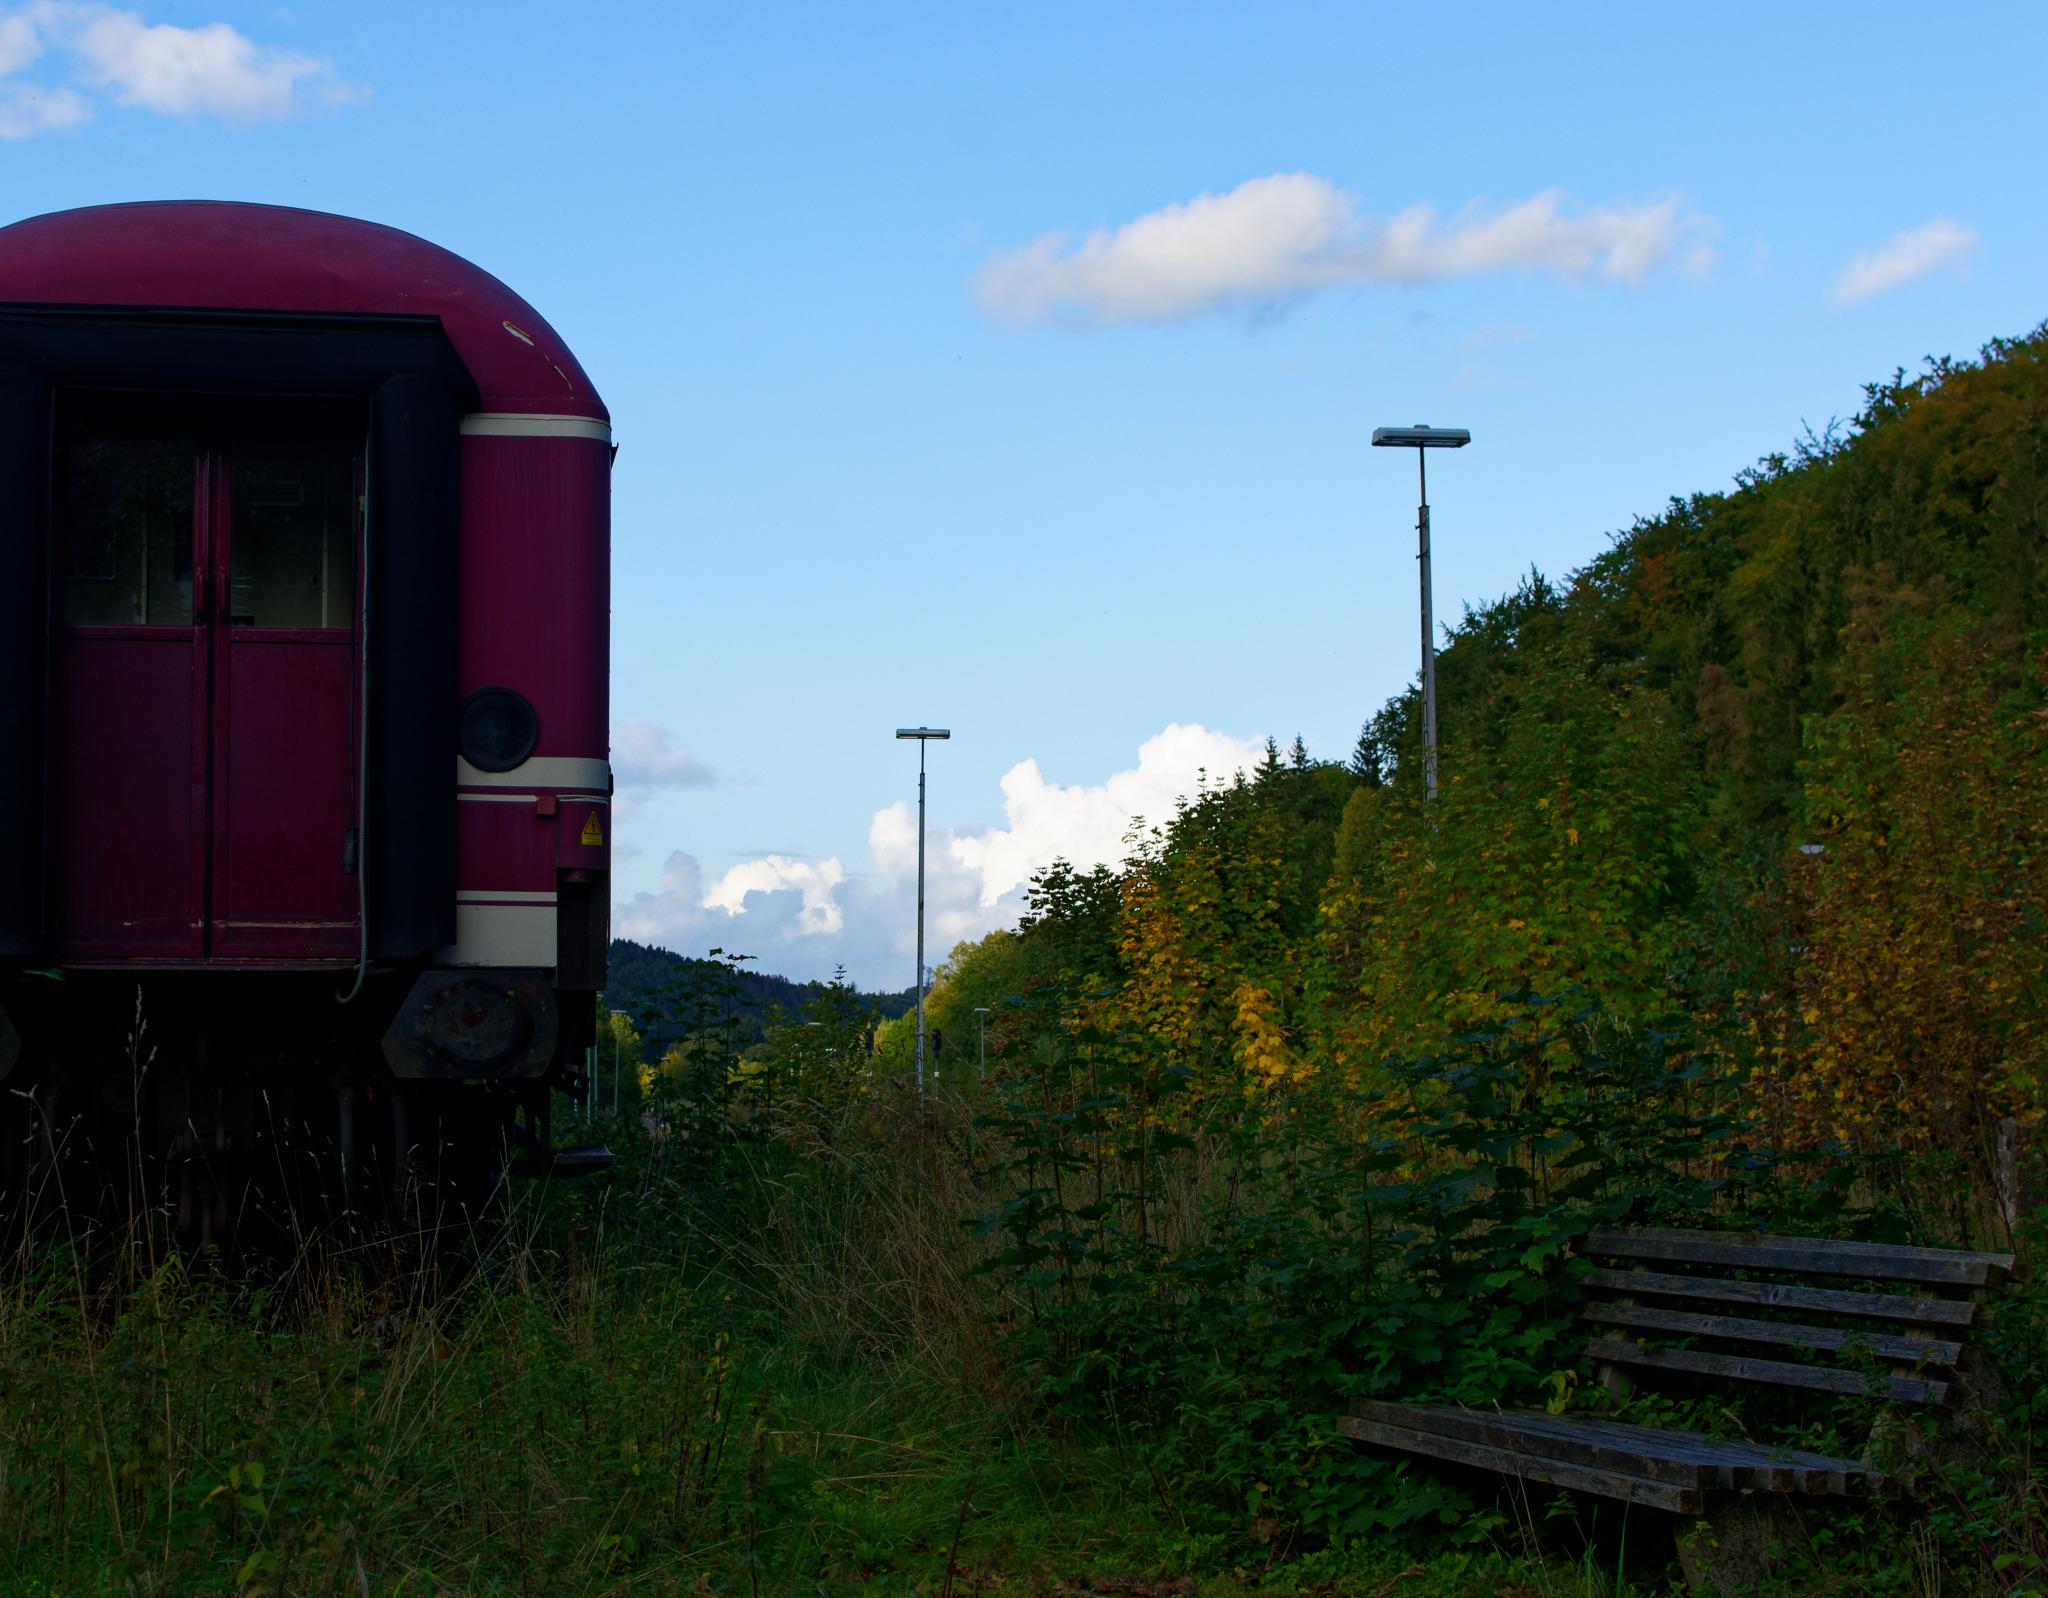 Die ausrangierte Bahn in Brilon Wald. (foto: zoom)